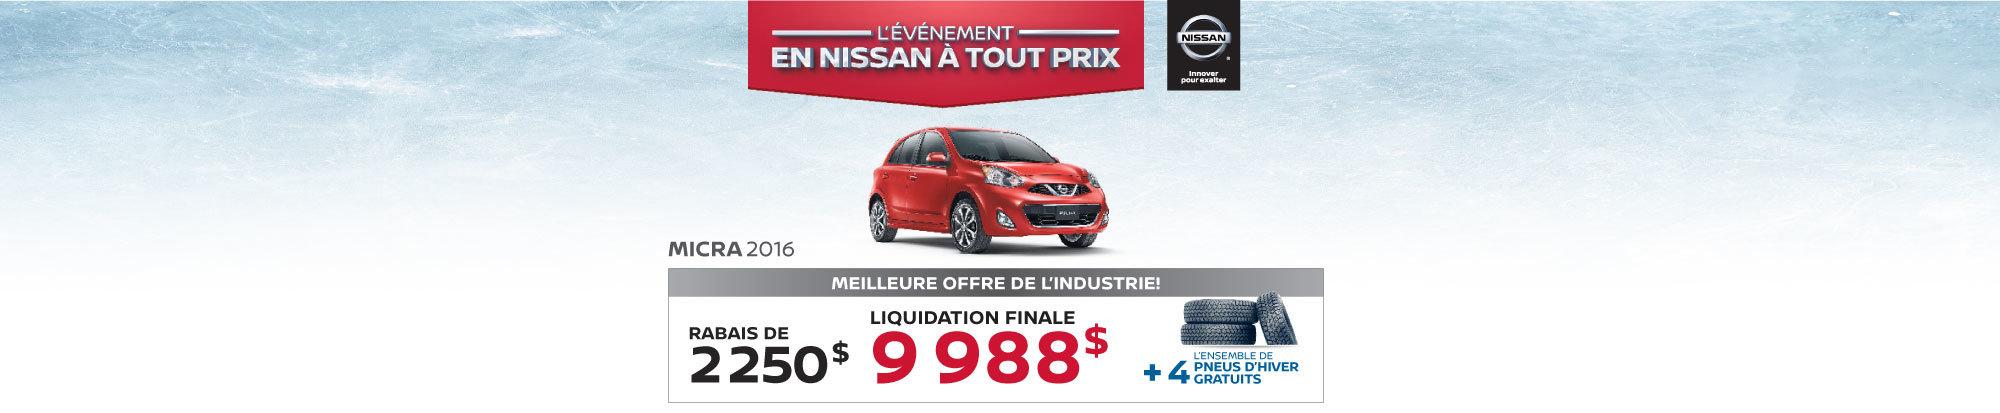 La Nissan Micra 2016 à petits prix